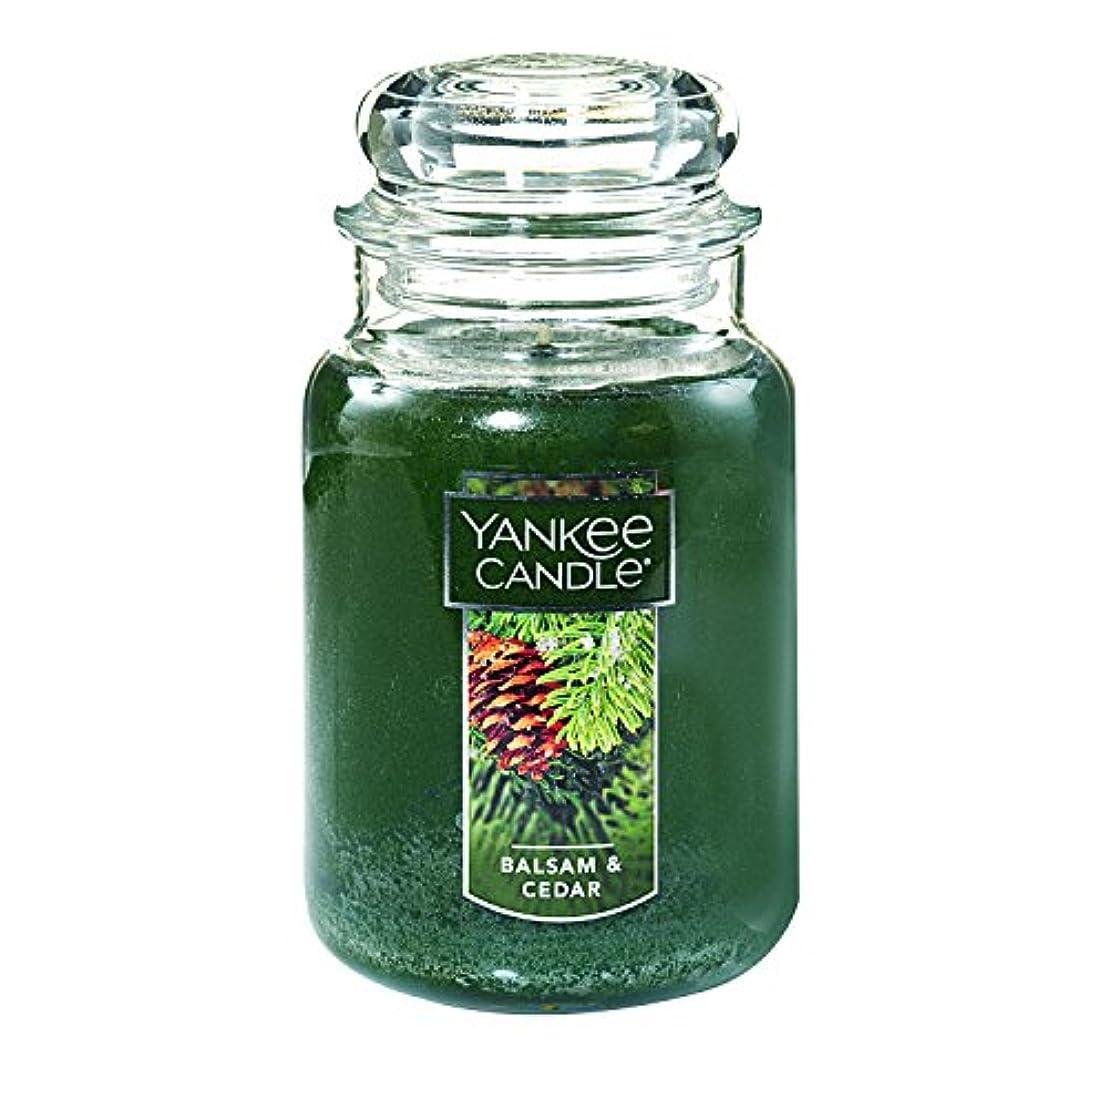 隠春条約(ヤンキーキャンドル) Yankee Candle ラージ 22オンス ジャーキャンドル バルサム&シダー Large Jar Candle グリーン 1062314